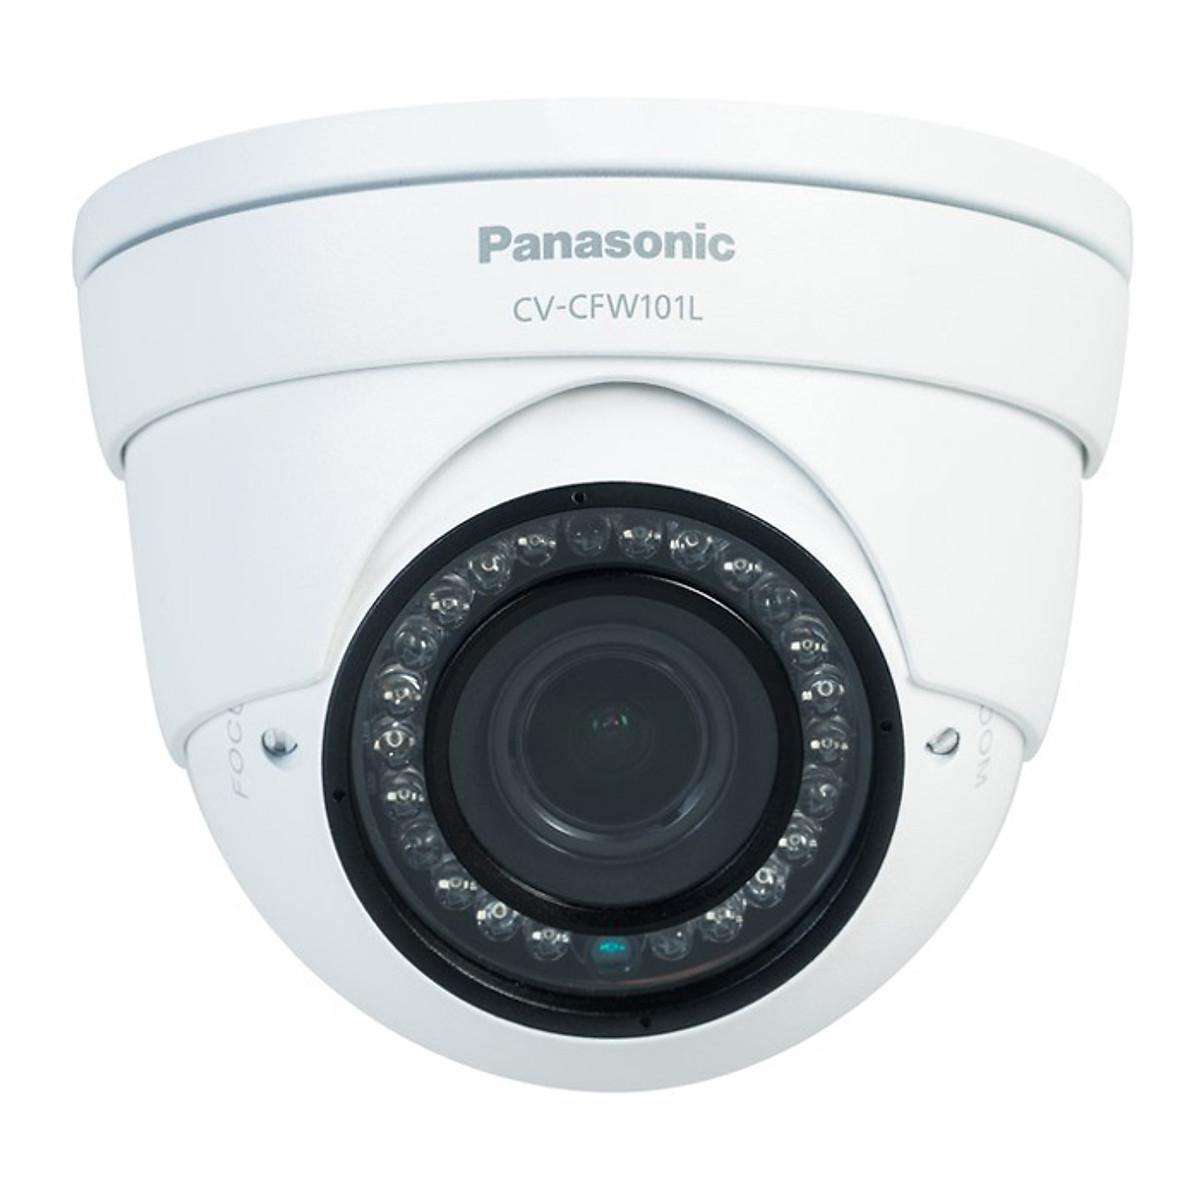 Camera HD-CVI Panasonic CV-CFW101L 1.0MP - Hàng Chính Hãng